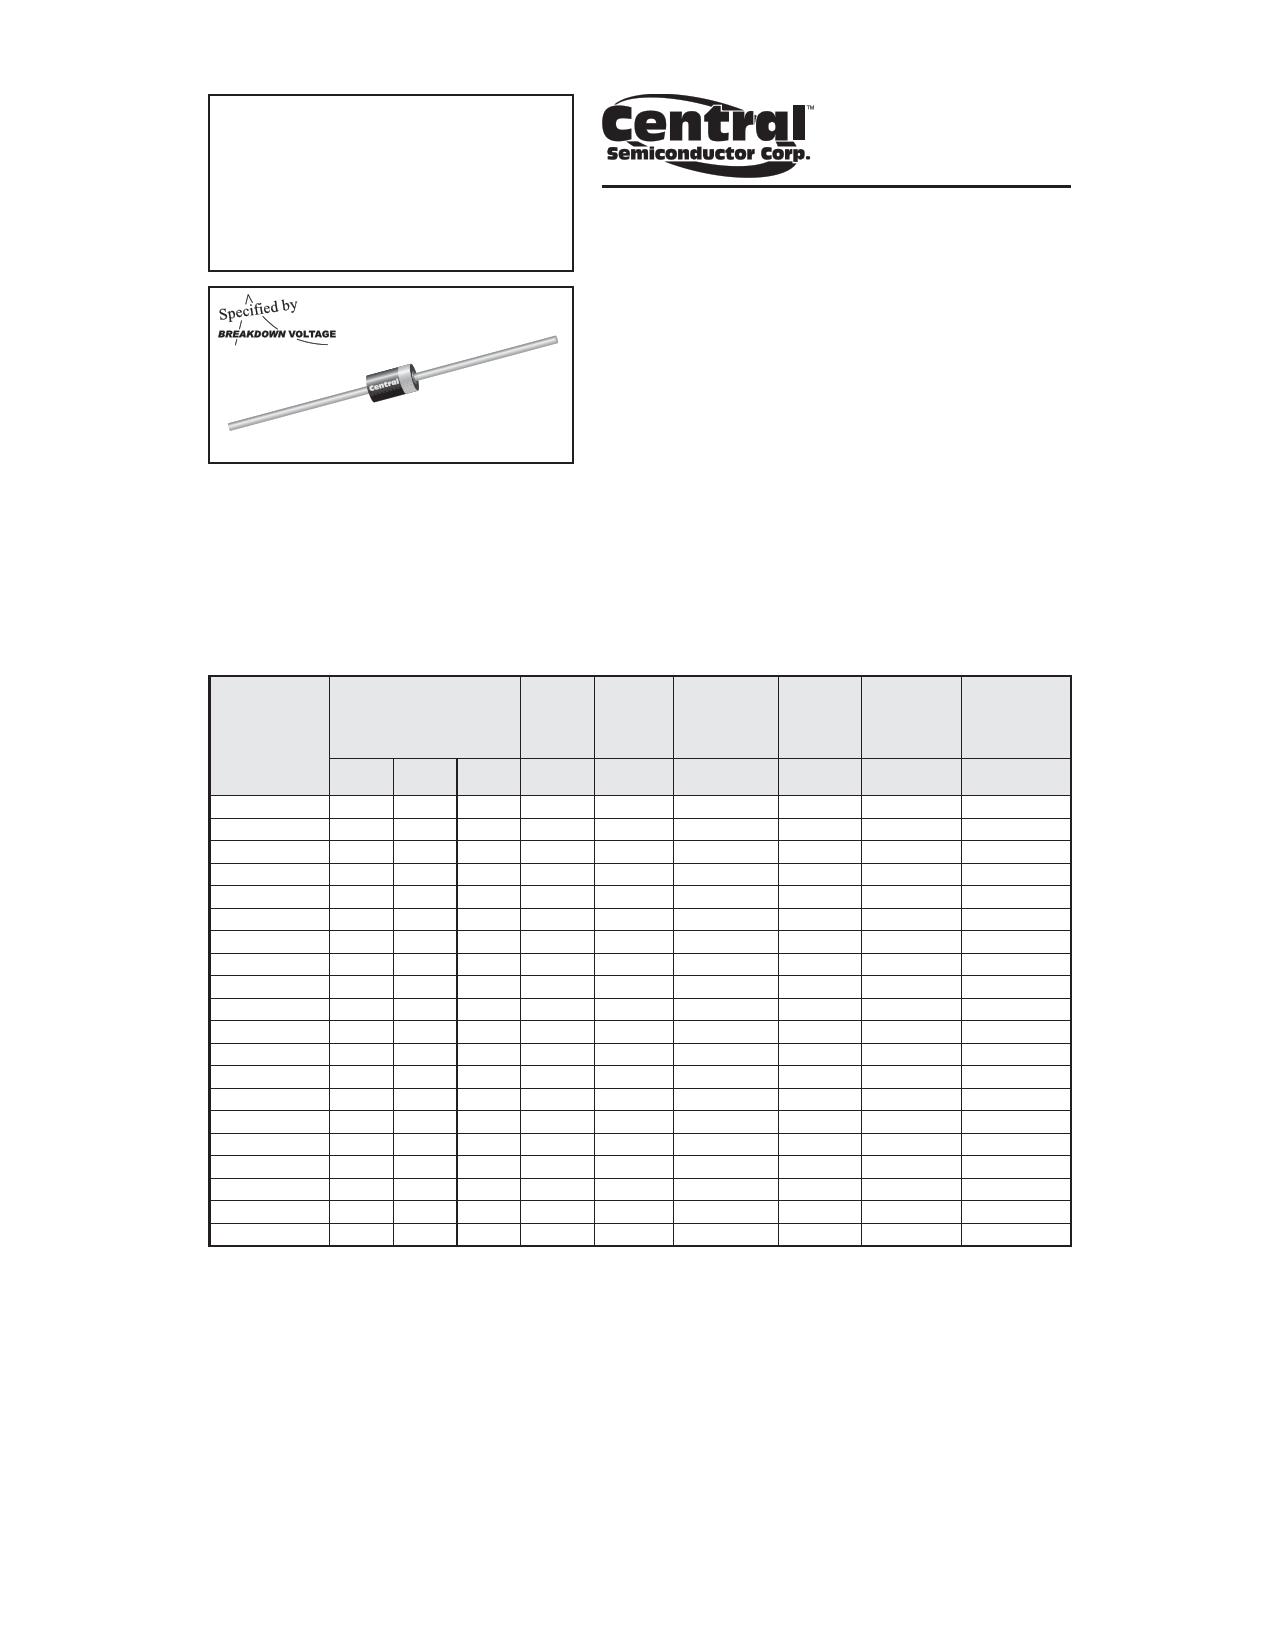 1.5CE51CA datasheet